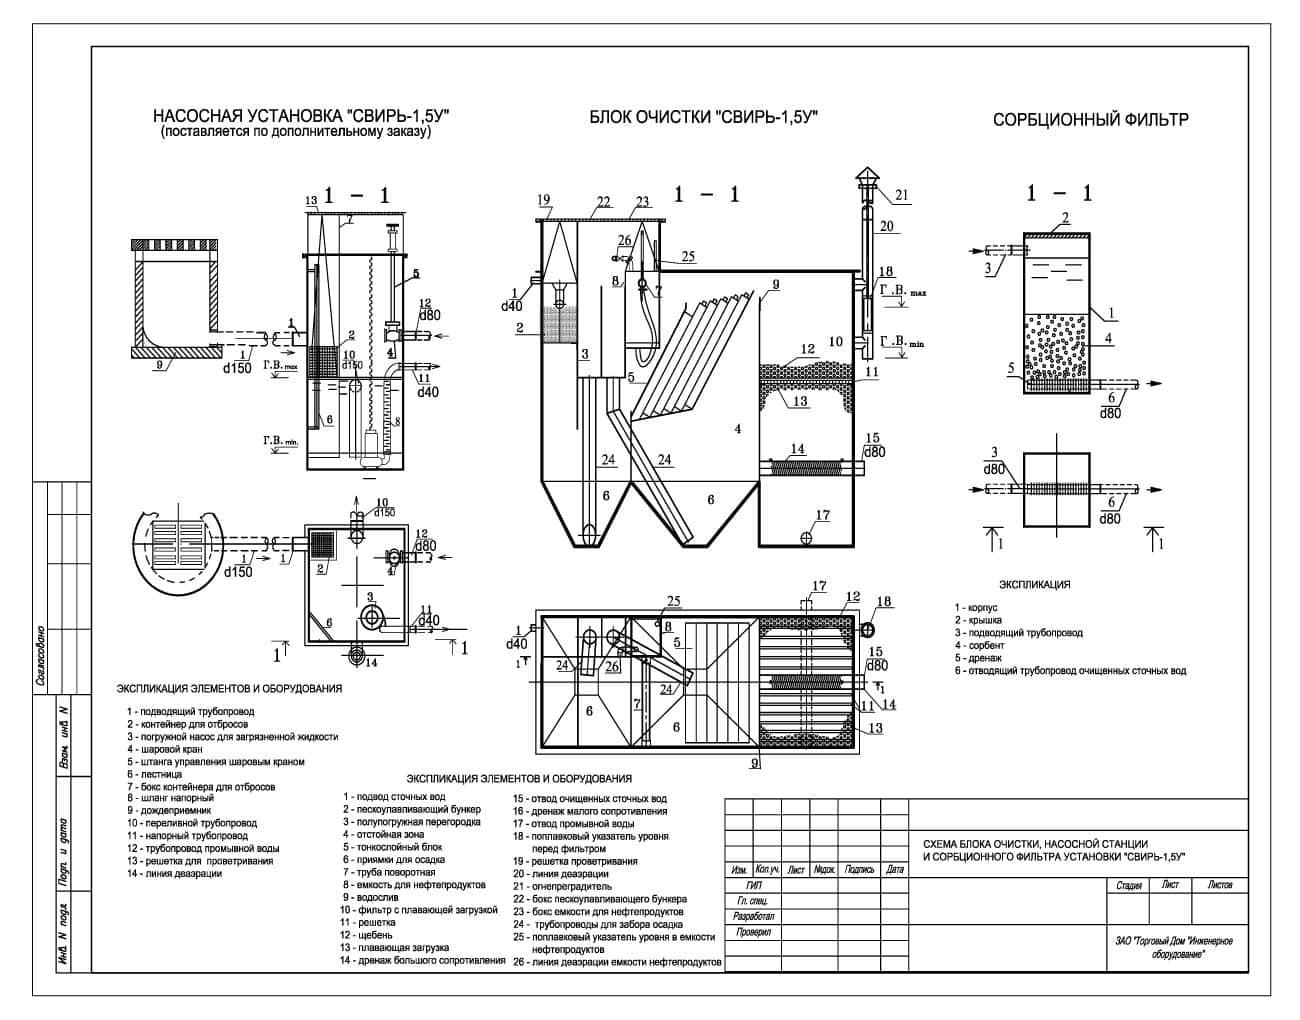 Очистное сооружение Свирь-1,5У